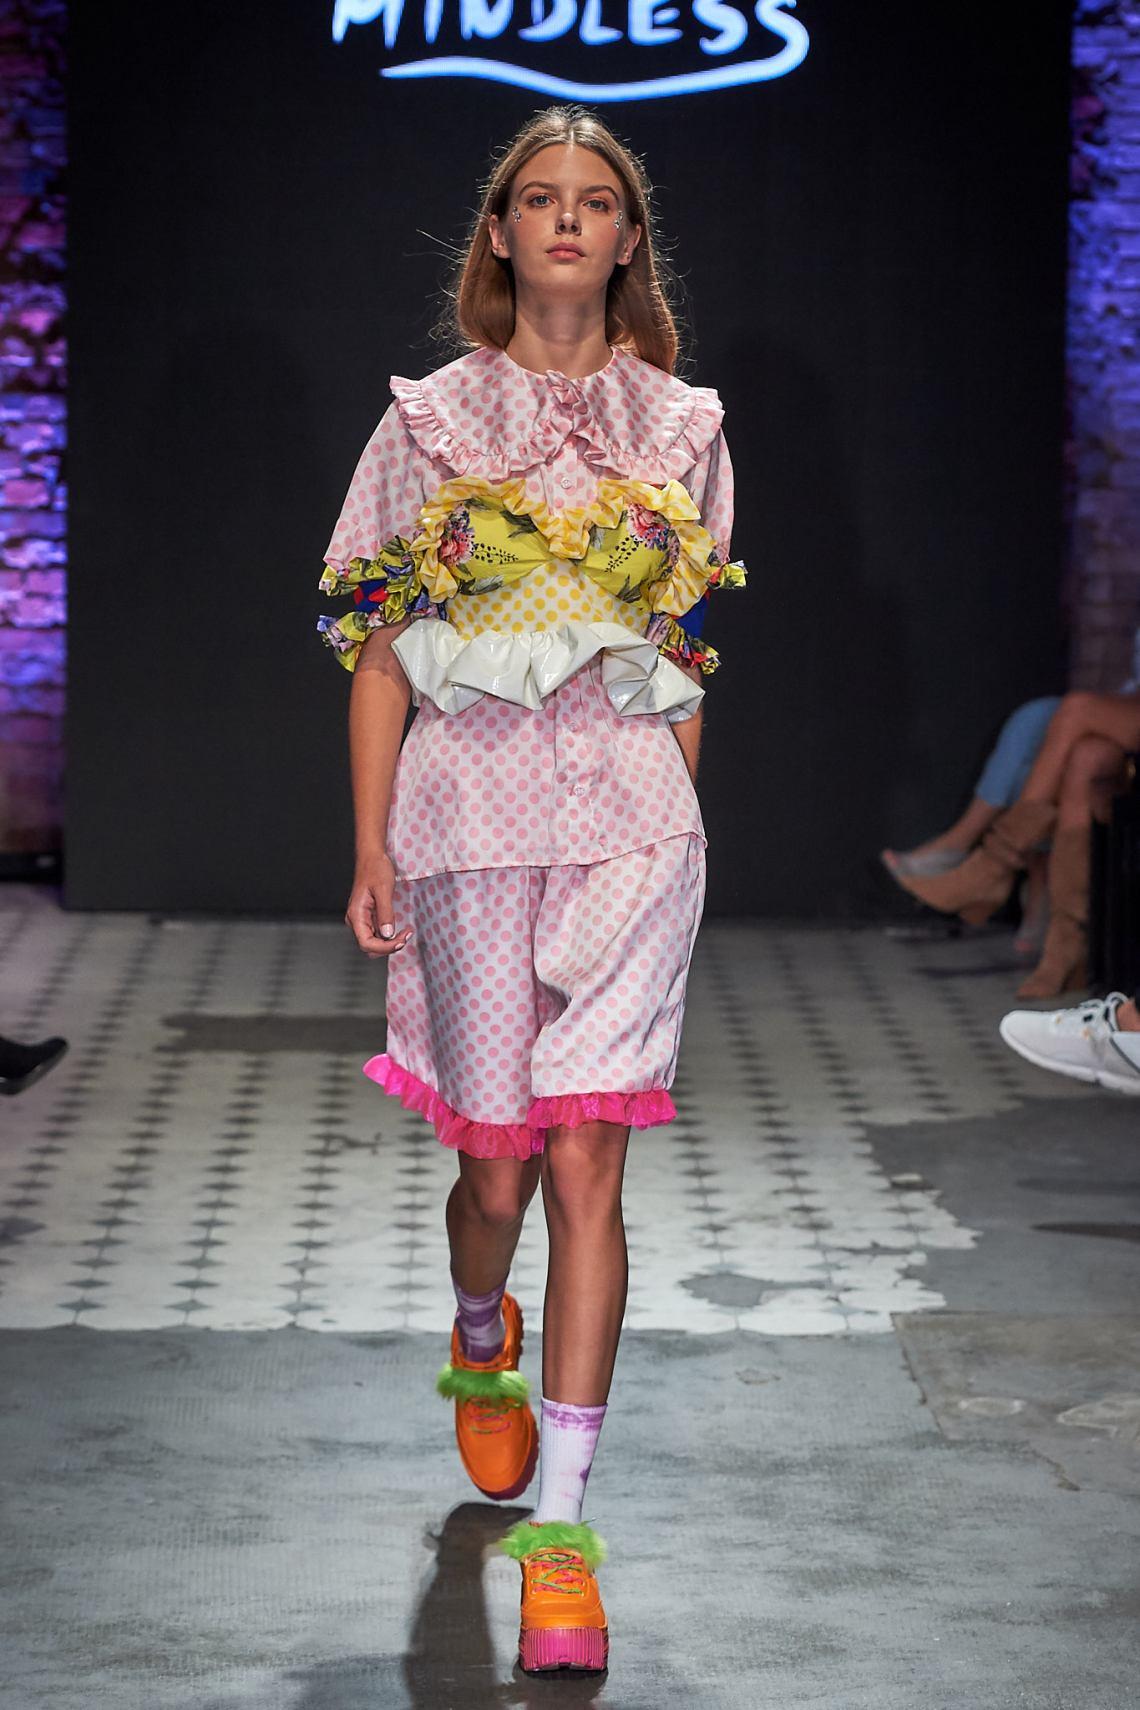 6_KTW_DAY1_111019_MINDLESS_lowres-fotFilipOkopny-FashionImages